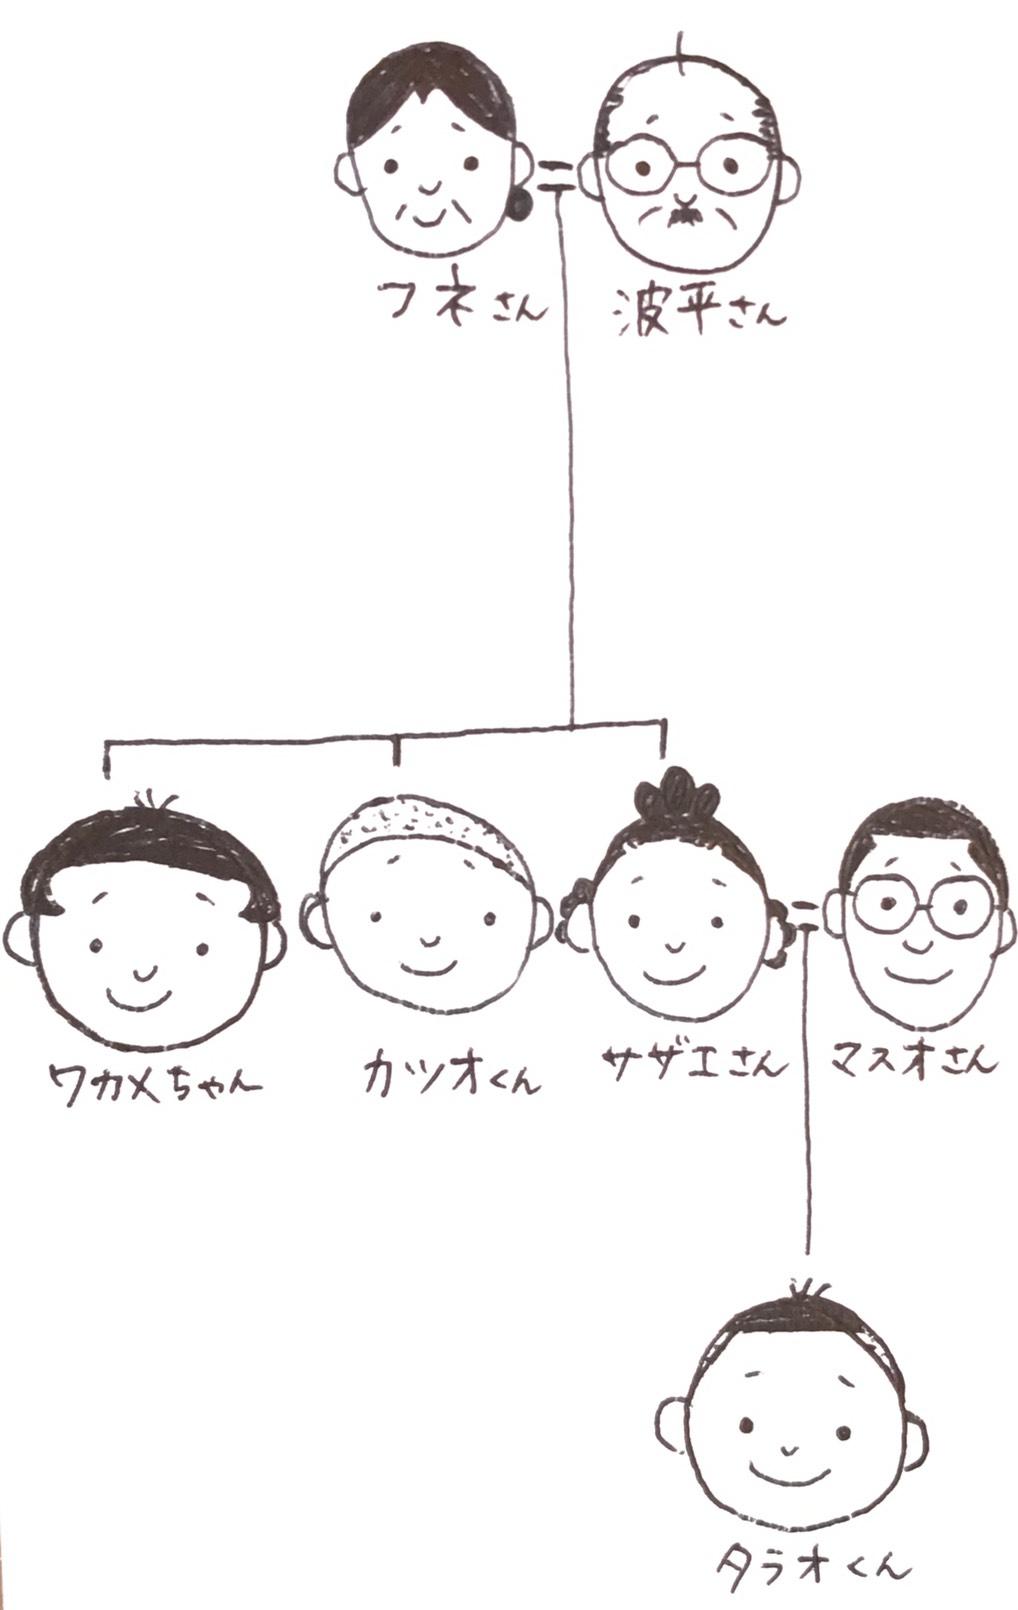 サザエさん家族の家系図